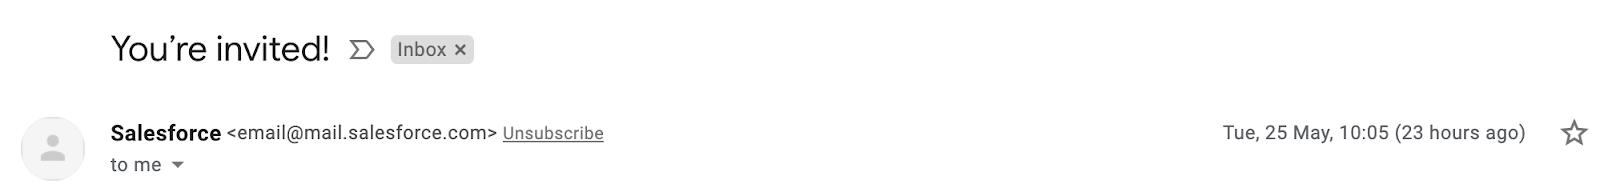 Email Blasts - Salesforce